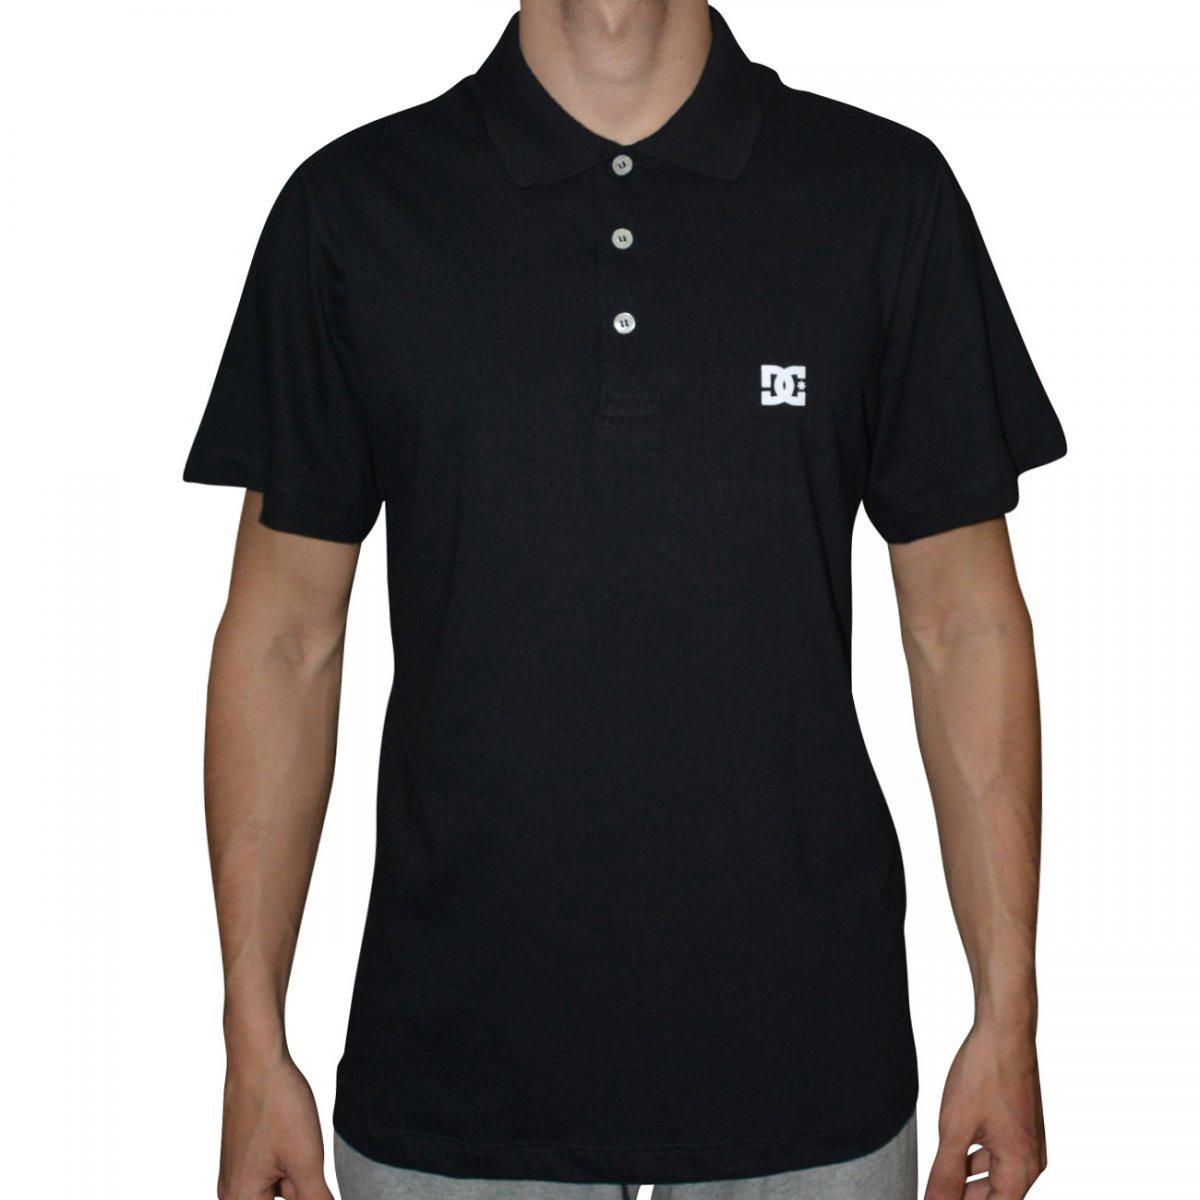 camiseta masculina polo dc shoes basic model original. Carregando zoom. 8f7cd7a0460